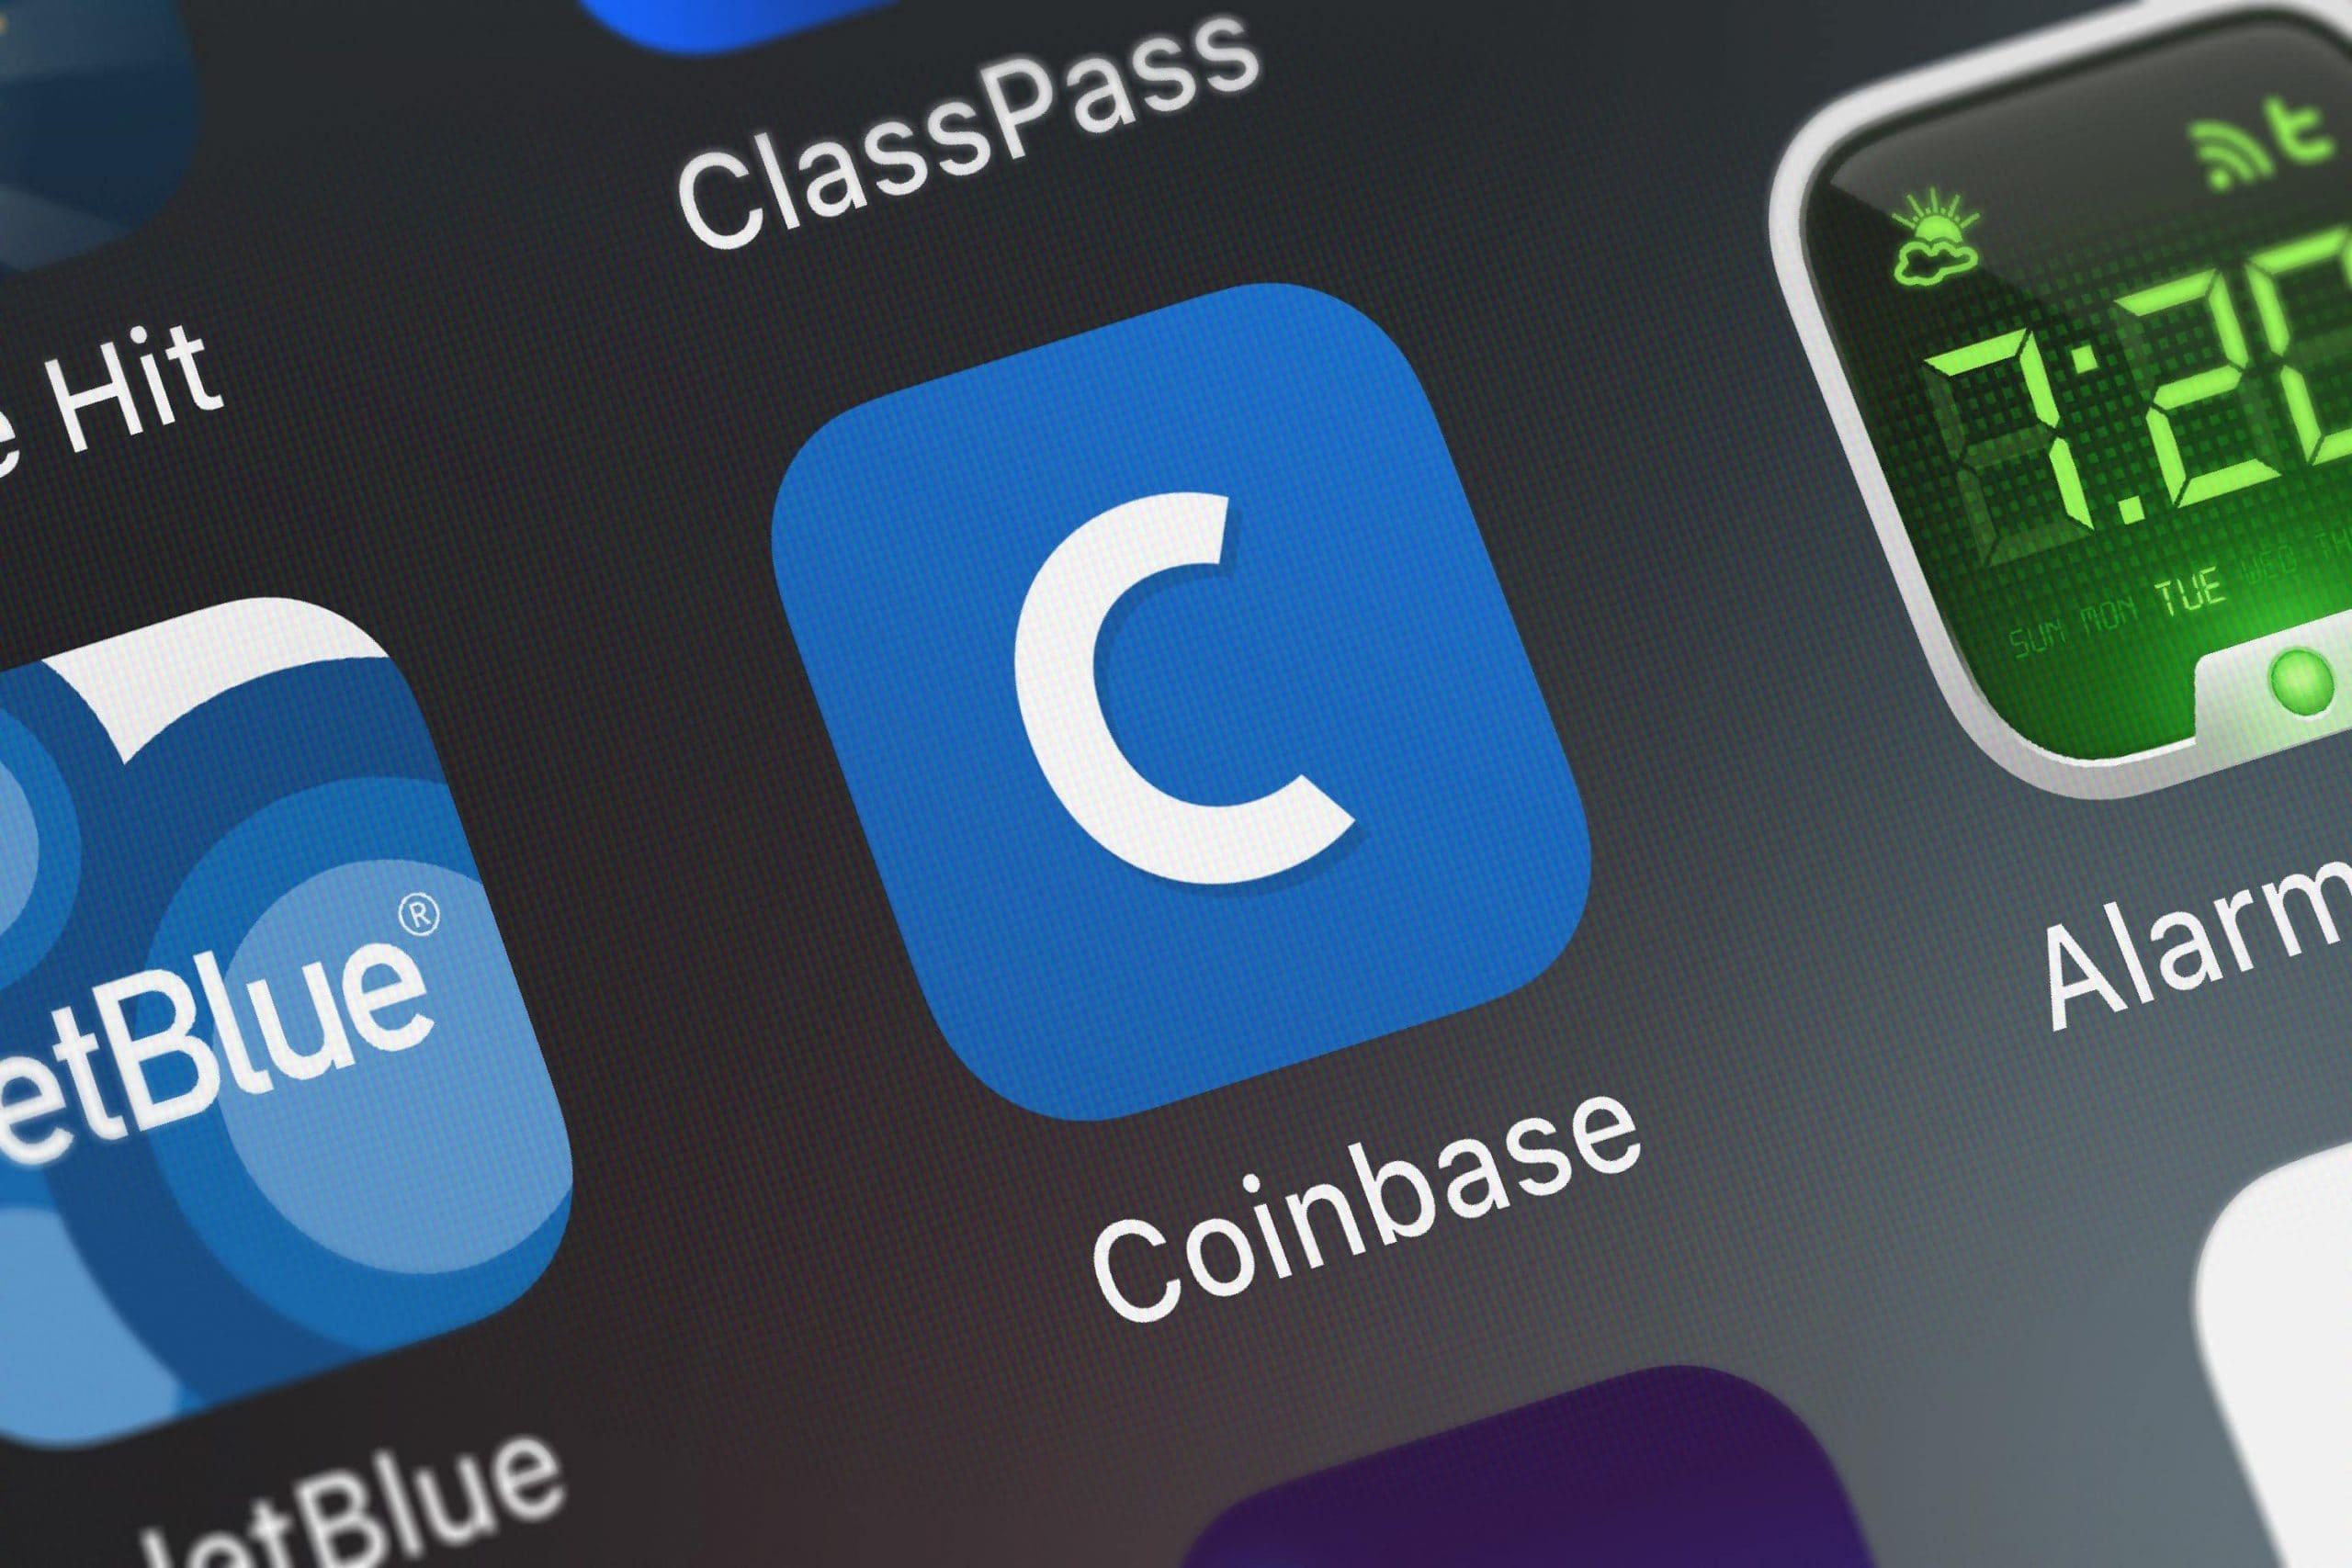 Coinbase-Logo auf einem Smartphone-Display.